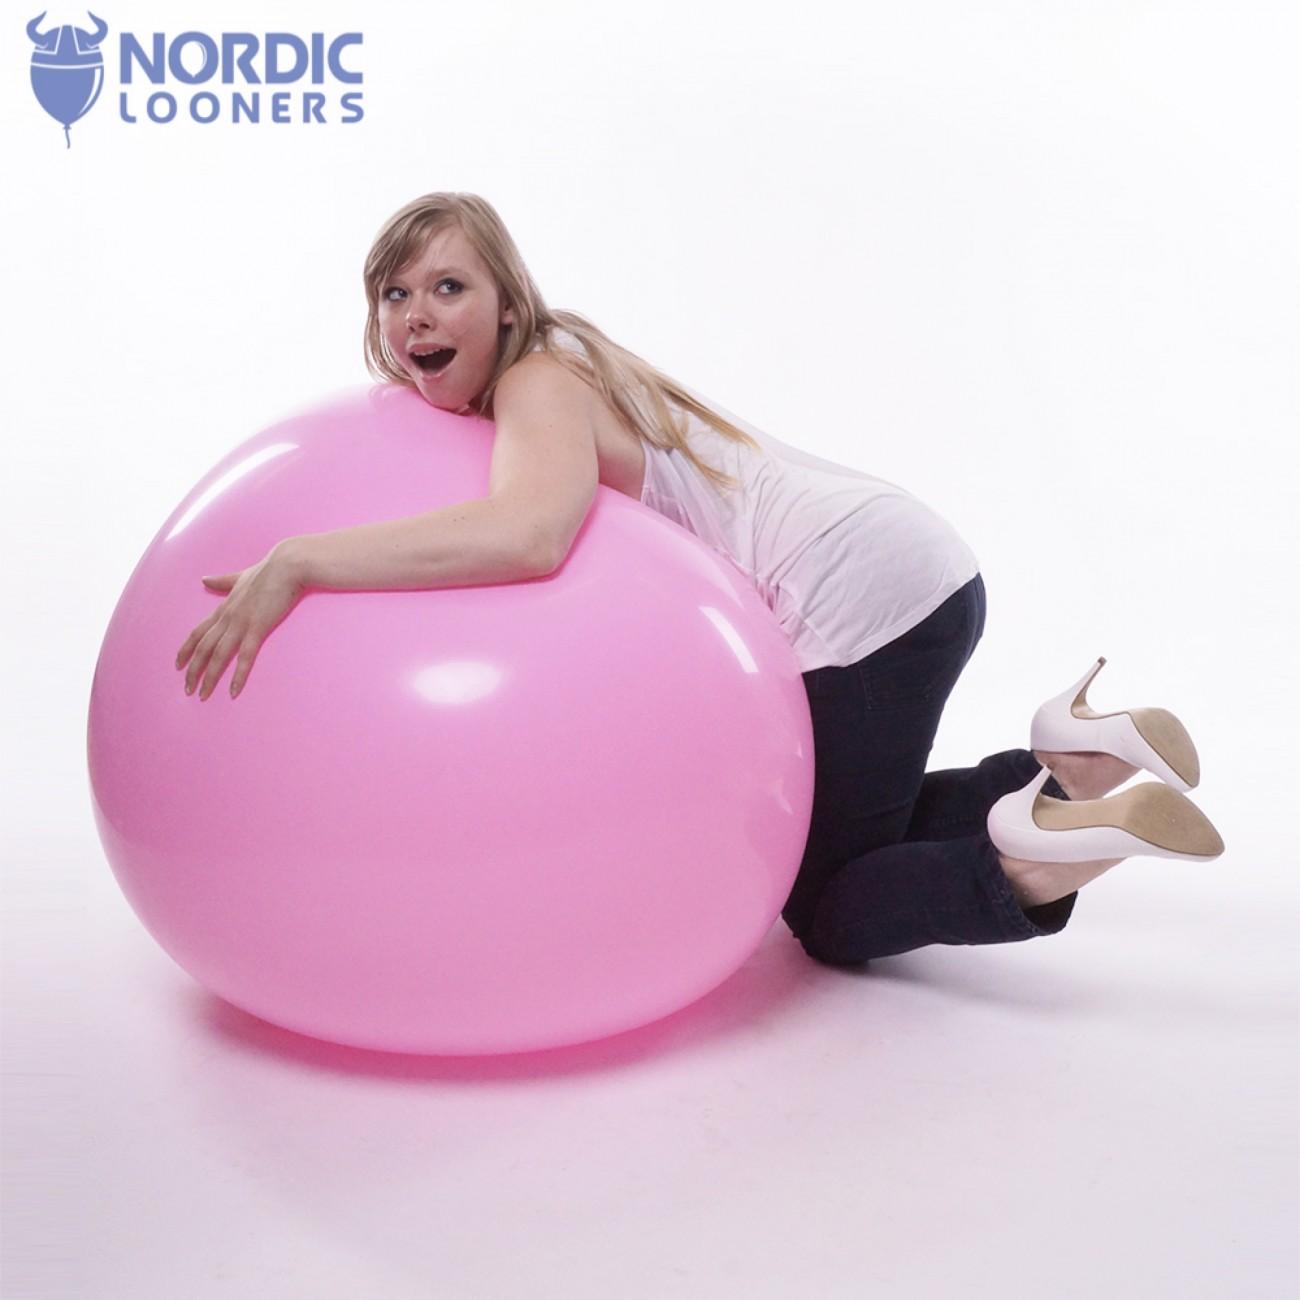 """Cattex 47\\"""" Pastel PT/350 60,12 DKK Nordic Looners"""